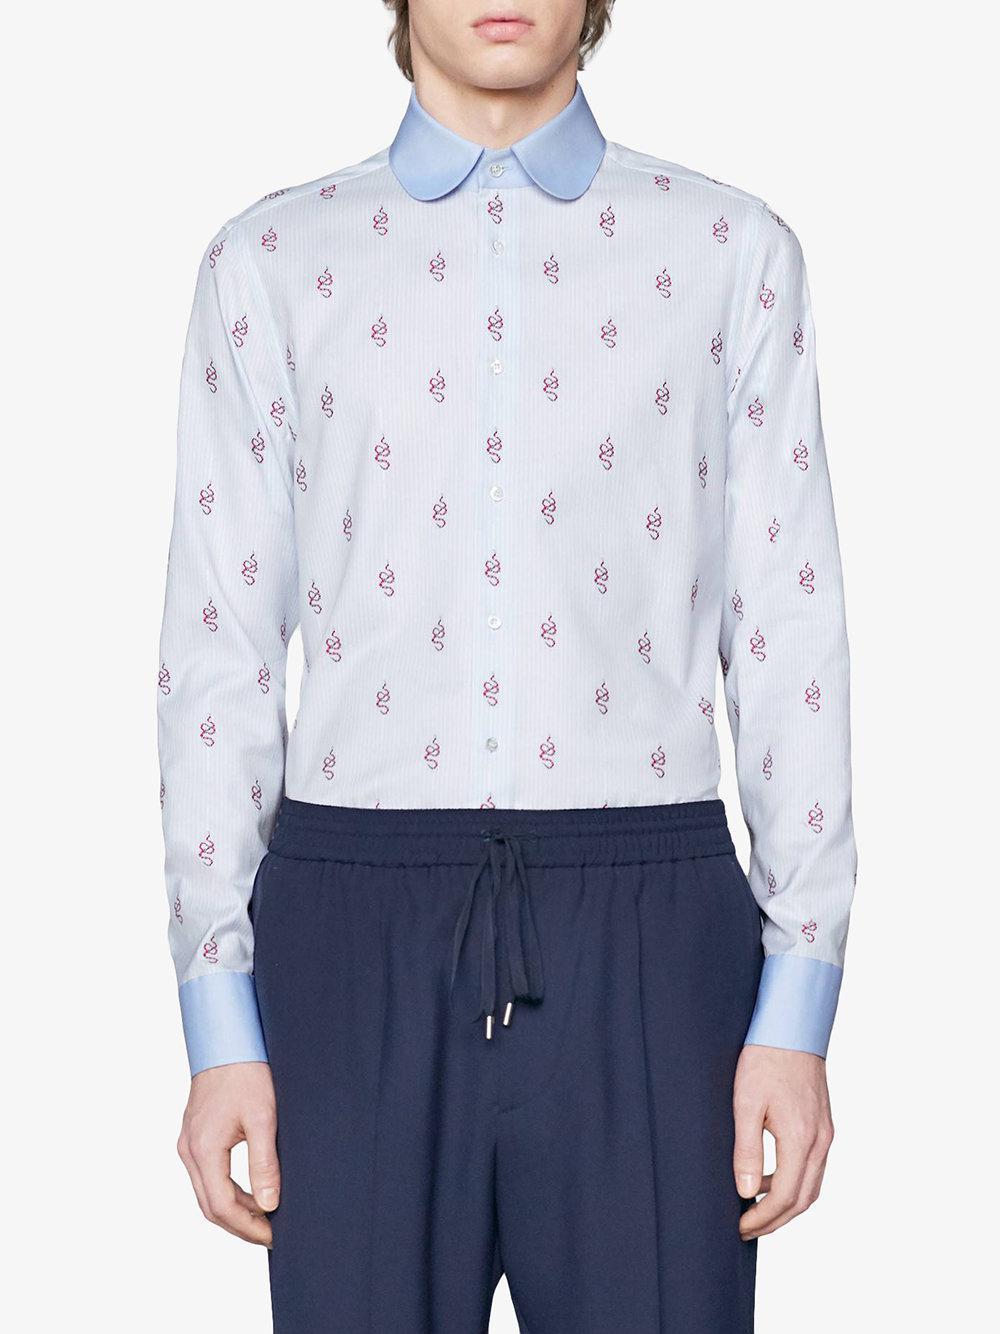 Lyst - Camisa de fil coupé con motivos Kingsnake Gucci de hombre de ... 055228b609d